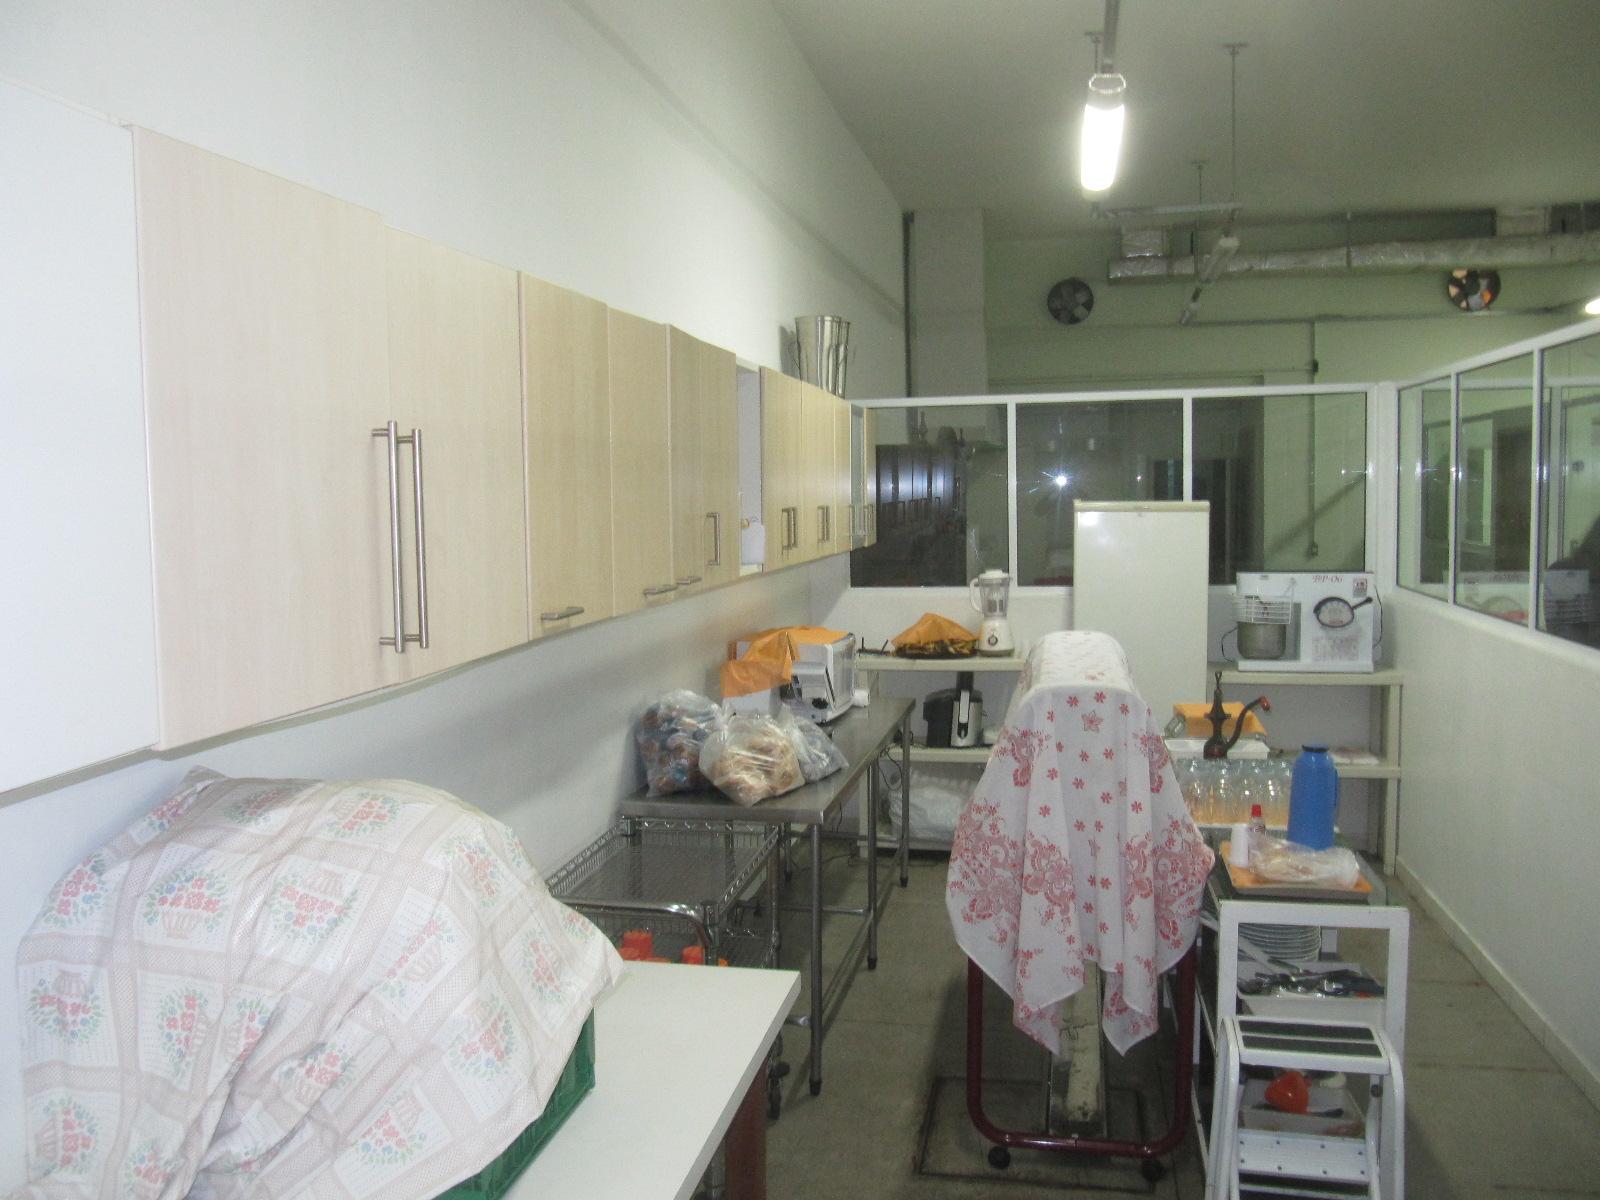 de Boas Práticas e Projeto Arquitetônico da Cozinha e Lavanderia  #7B7150 1600 1200